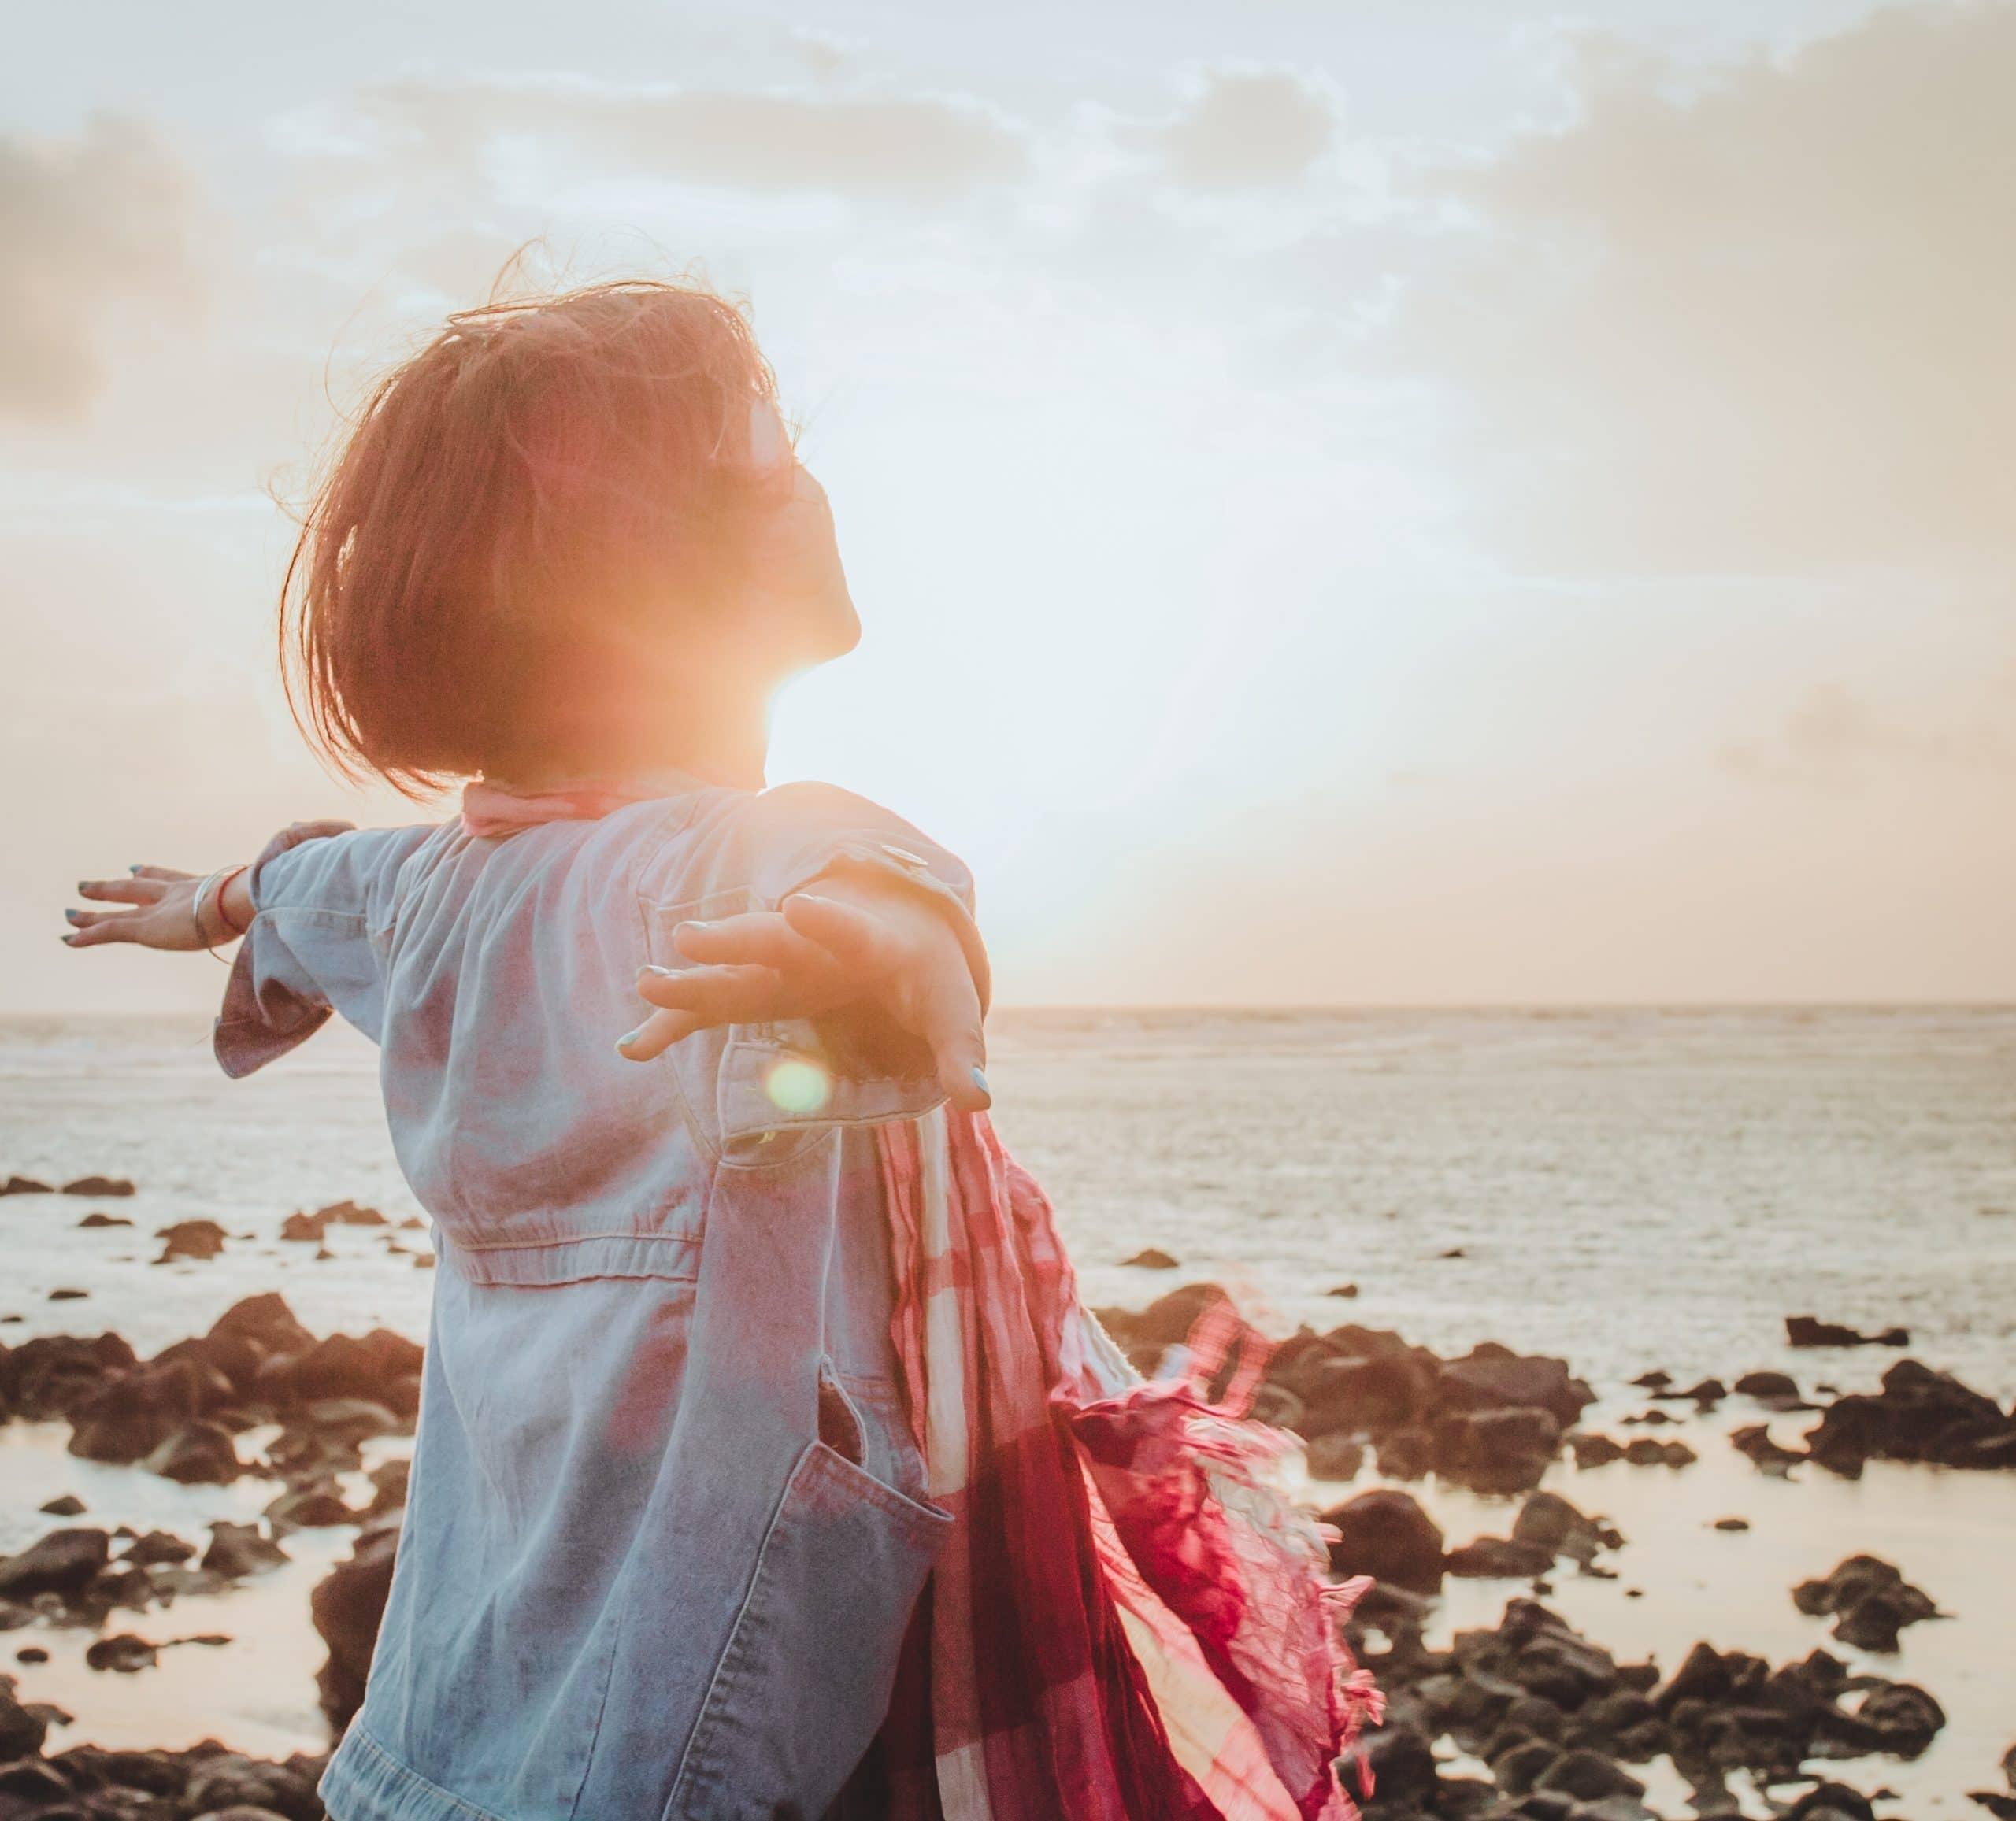 Mulher na praia com os braços abertos em direção ao sol.